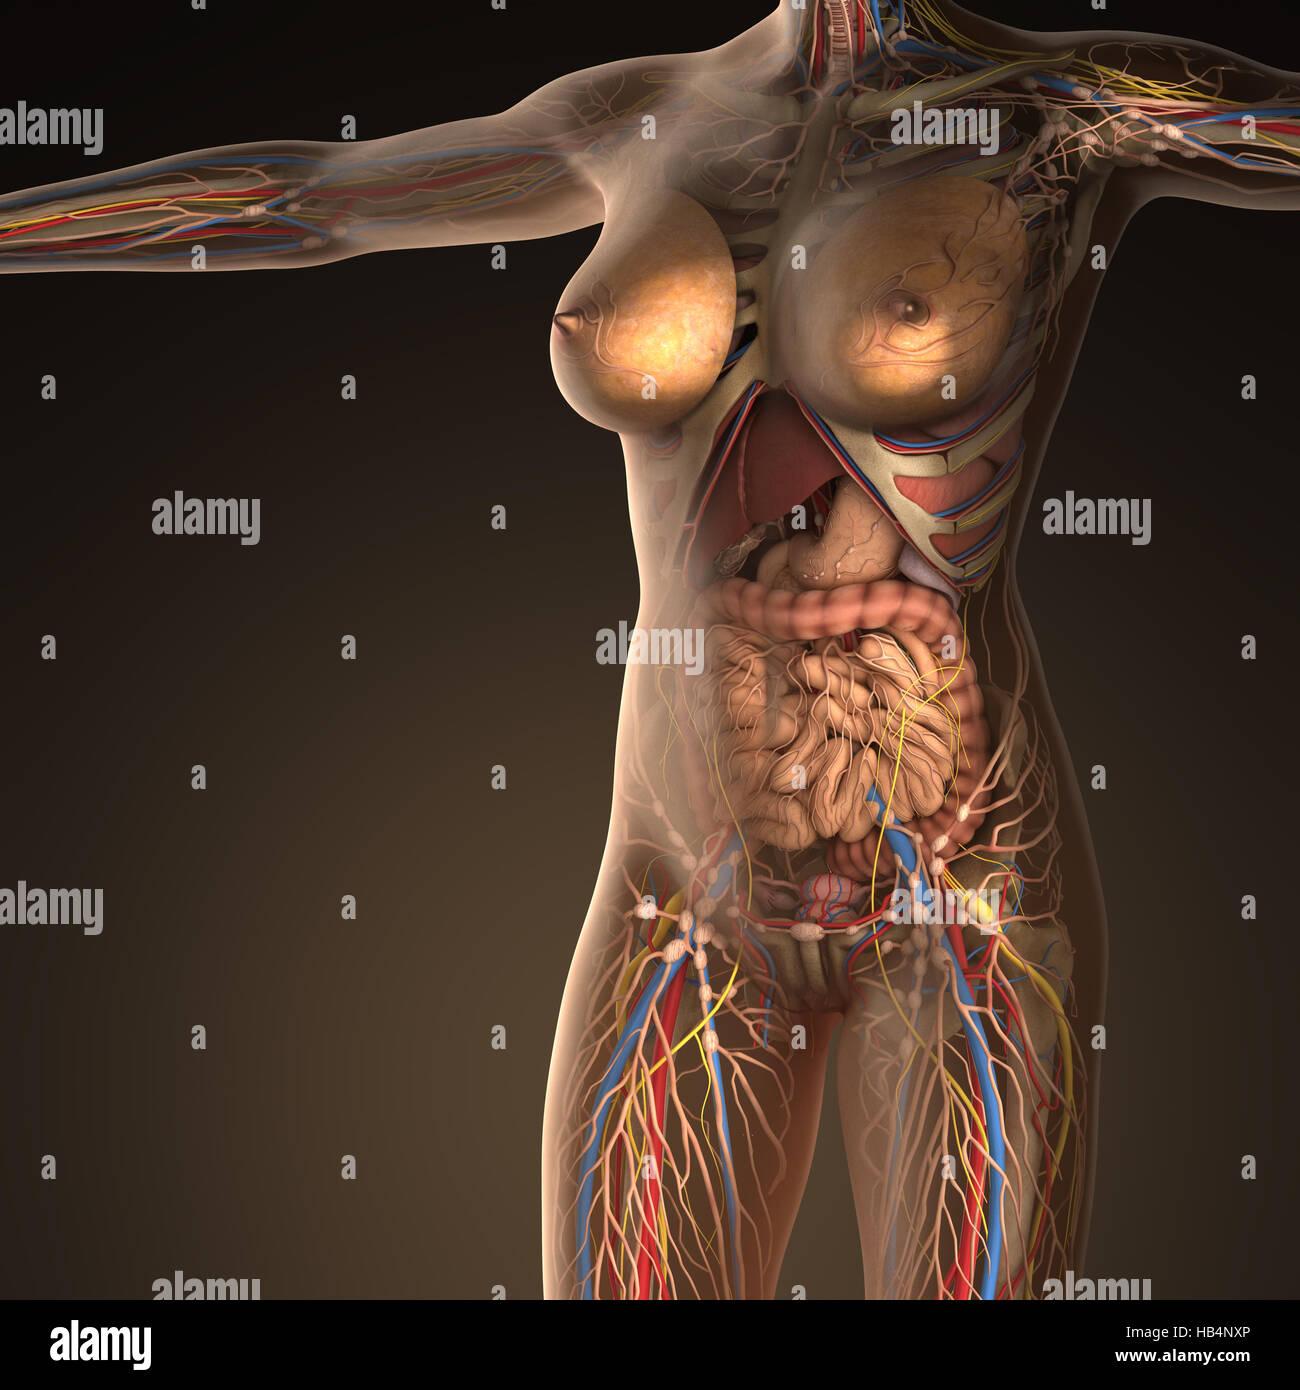 Anatomie des menschlichen Organen mit Knochen in durchsichtigen ...